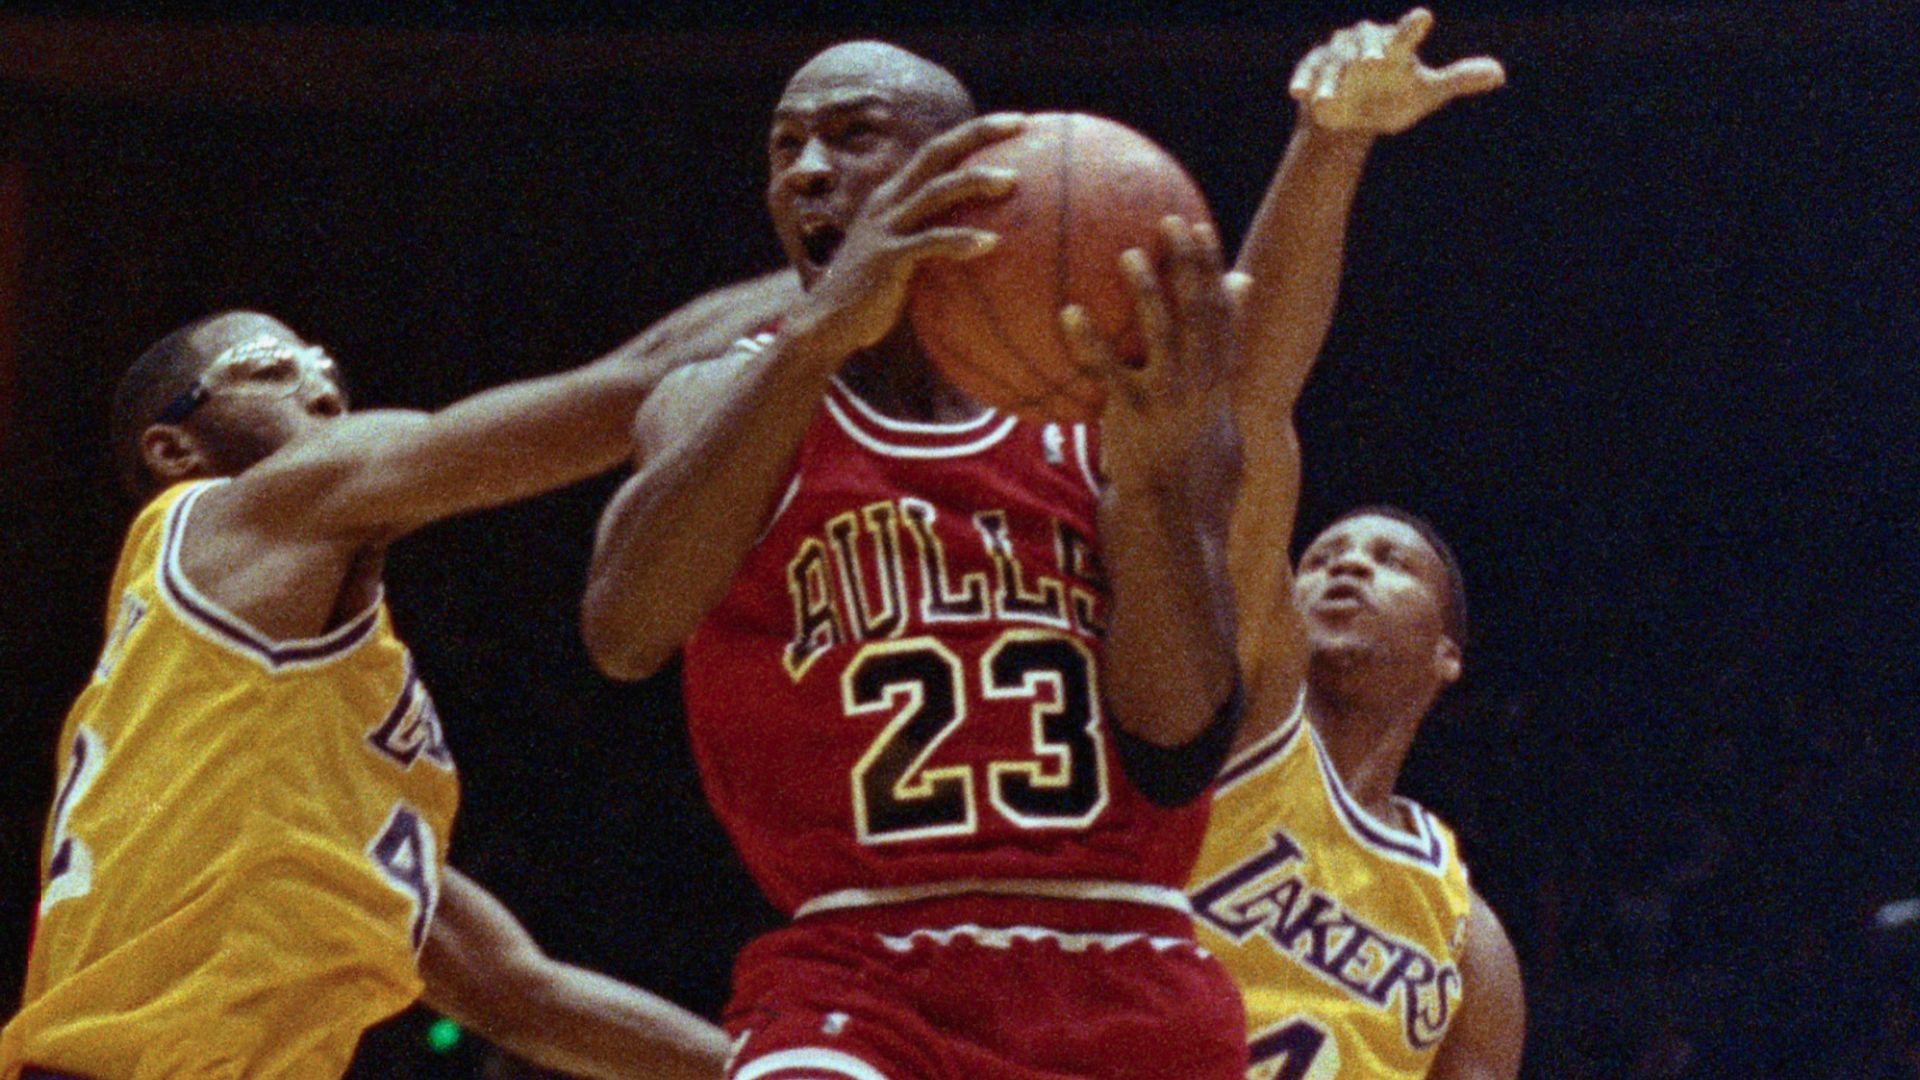 NBA Retro: Bulls @ Lakers 1991 Finals Gm 5